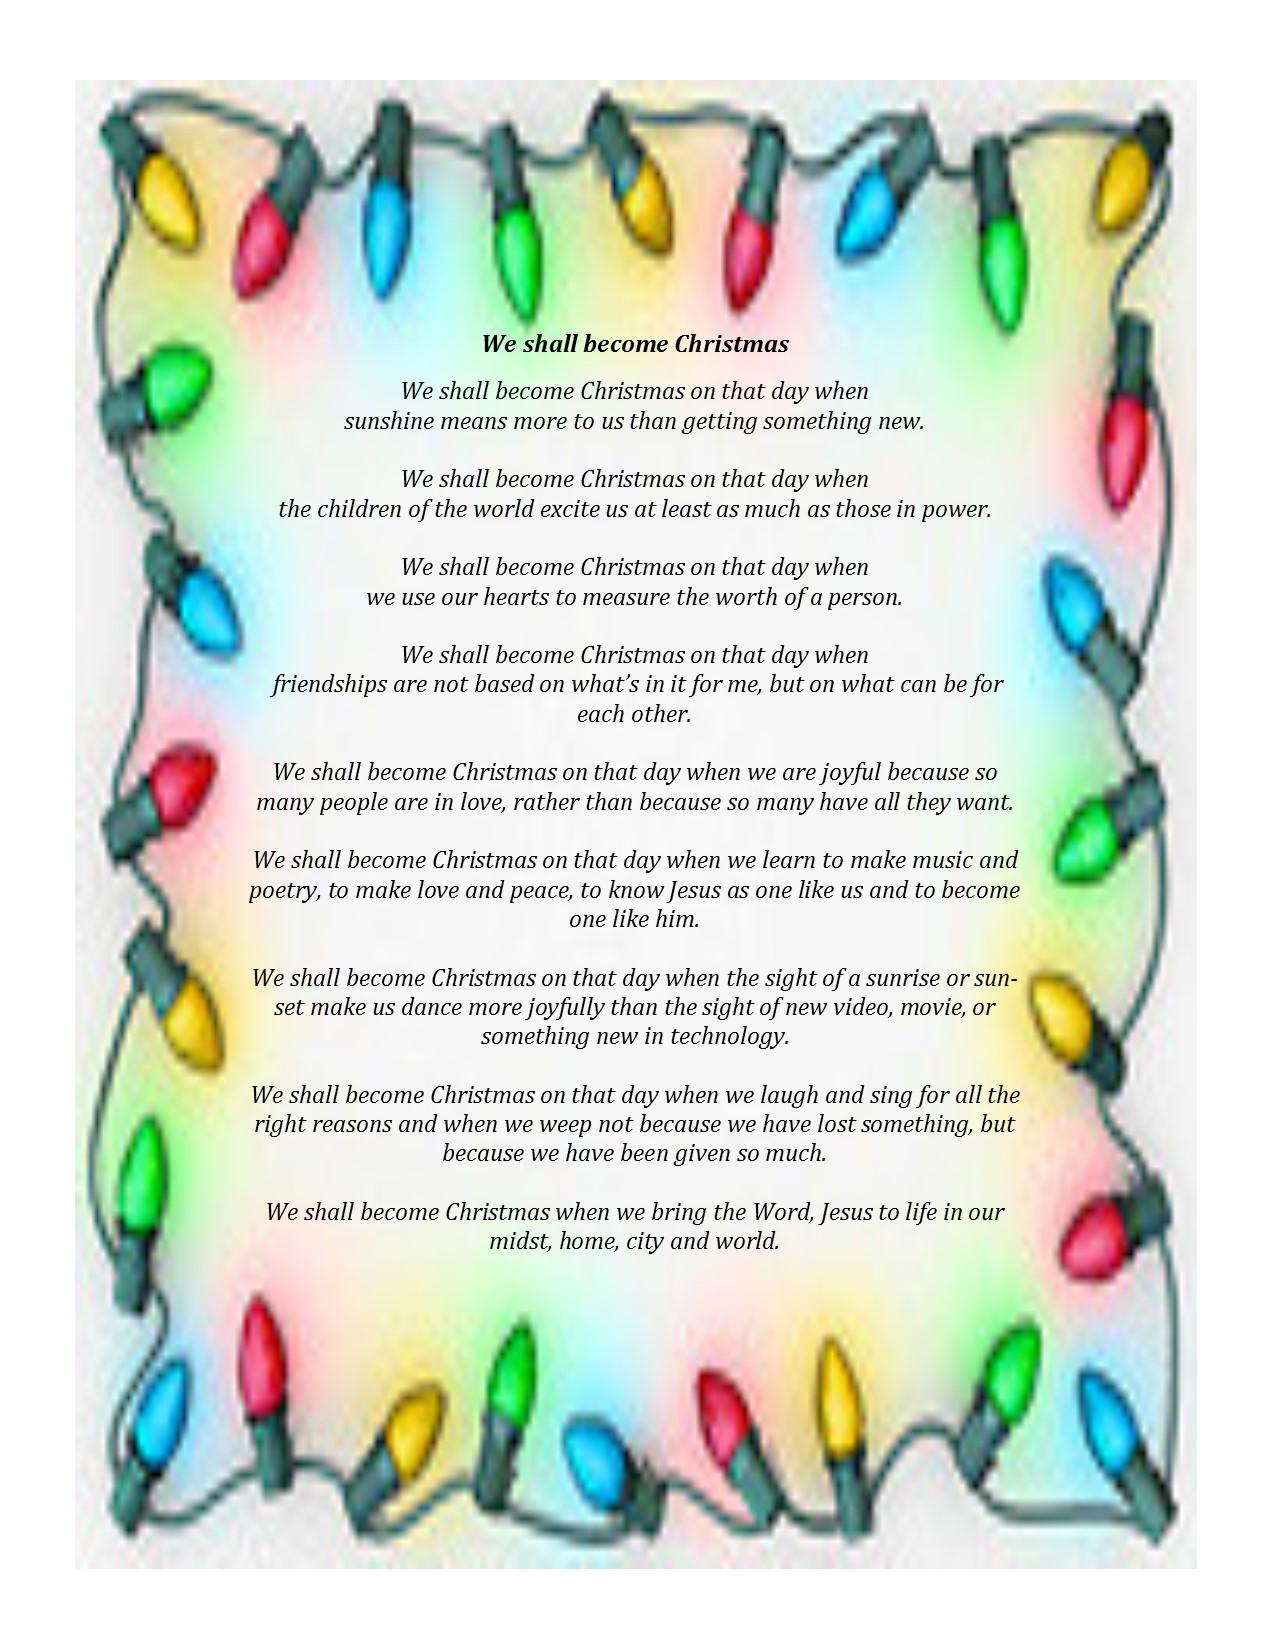 We shall become Christmas - Sisters of the Living Word